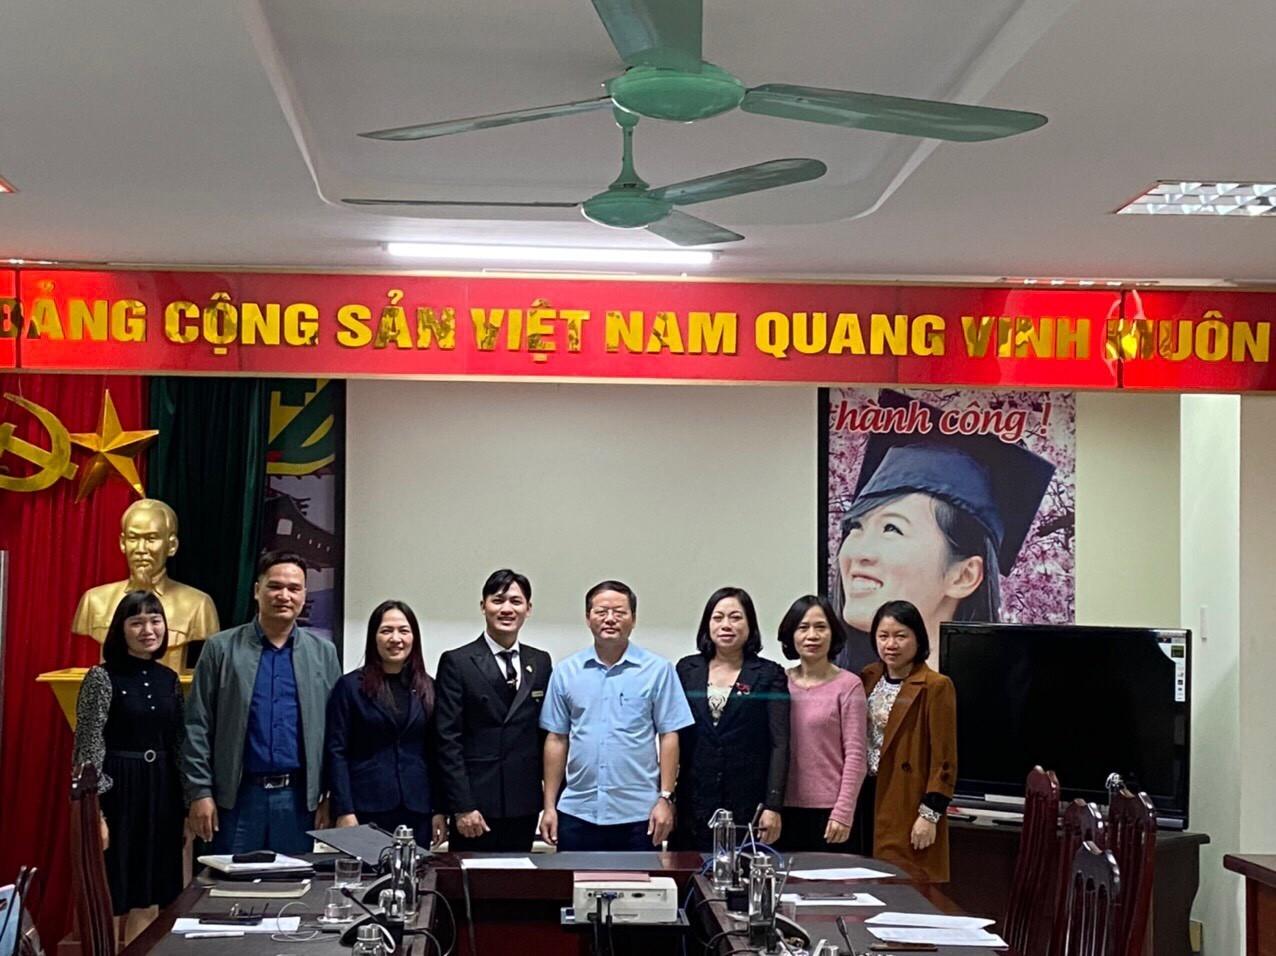 Công ty Cổ phần Đào tạo Huấn luyện Nghiệp vụ Hàng không Việt Nam ký kết Hợp đồng hợp tác tuyển sinh với Trung tâm Dịch vụ việc làm tỉnh Thái Bình